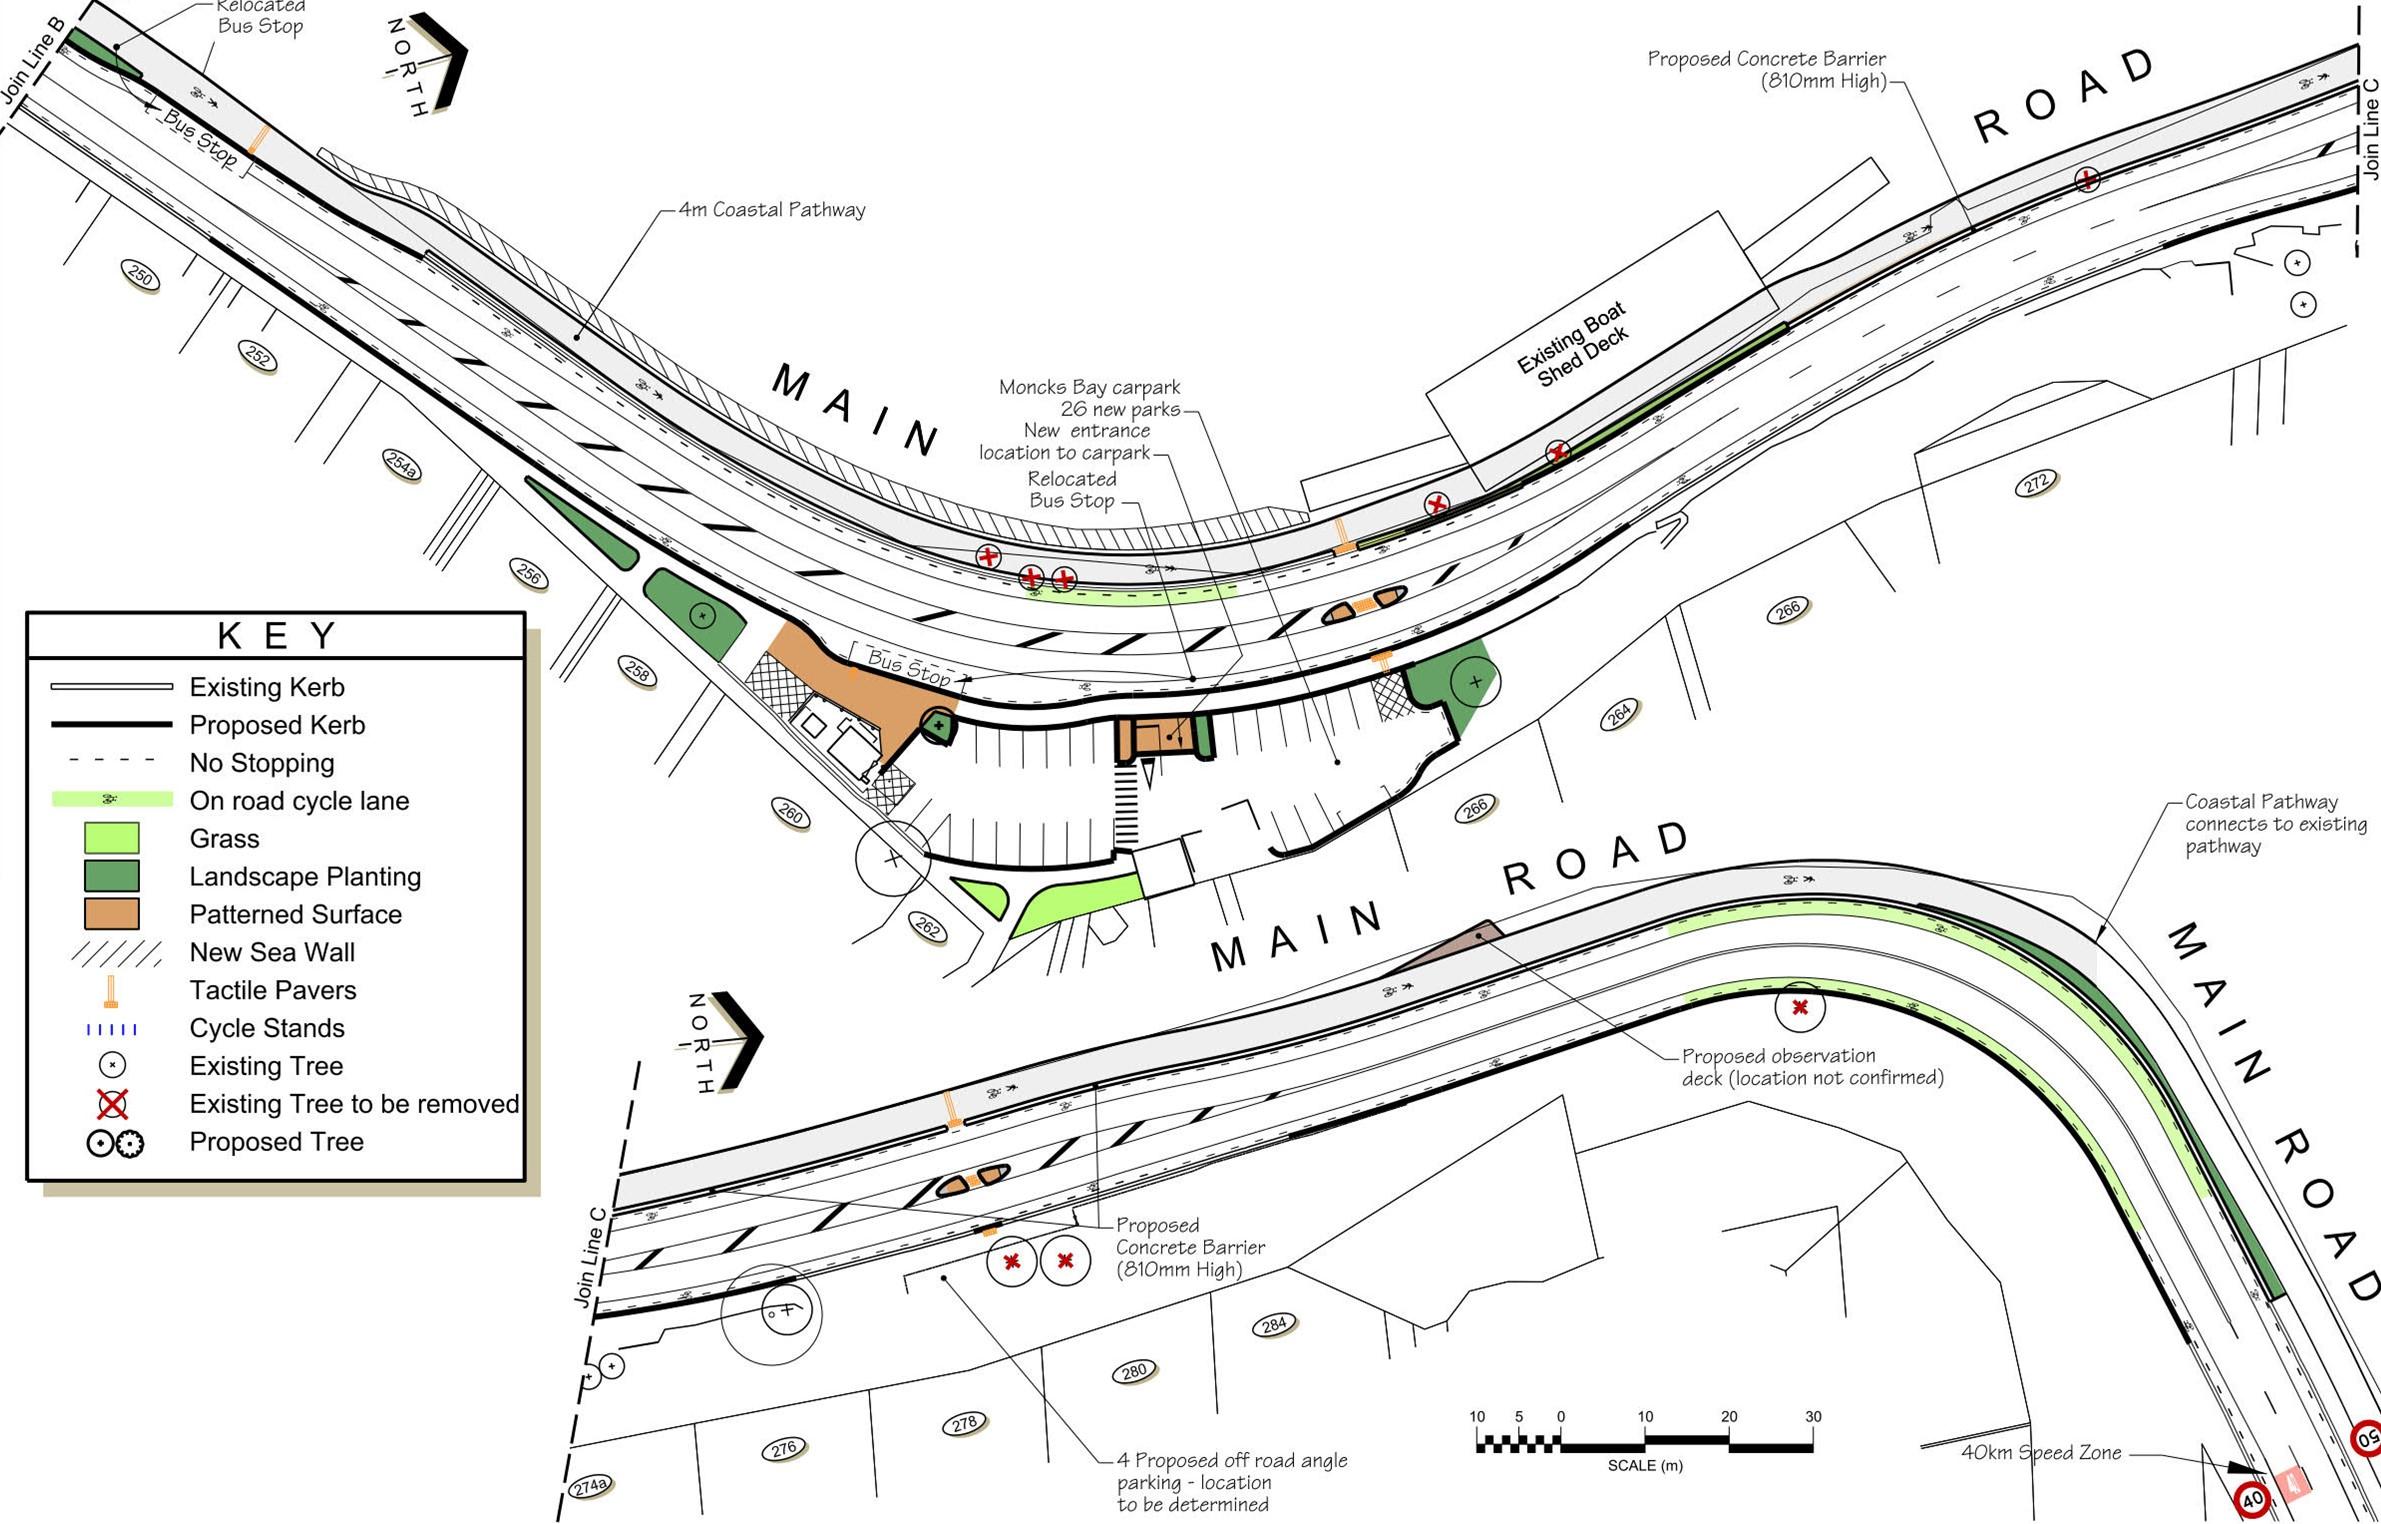 Coastal pathway plan 2